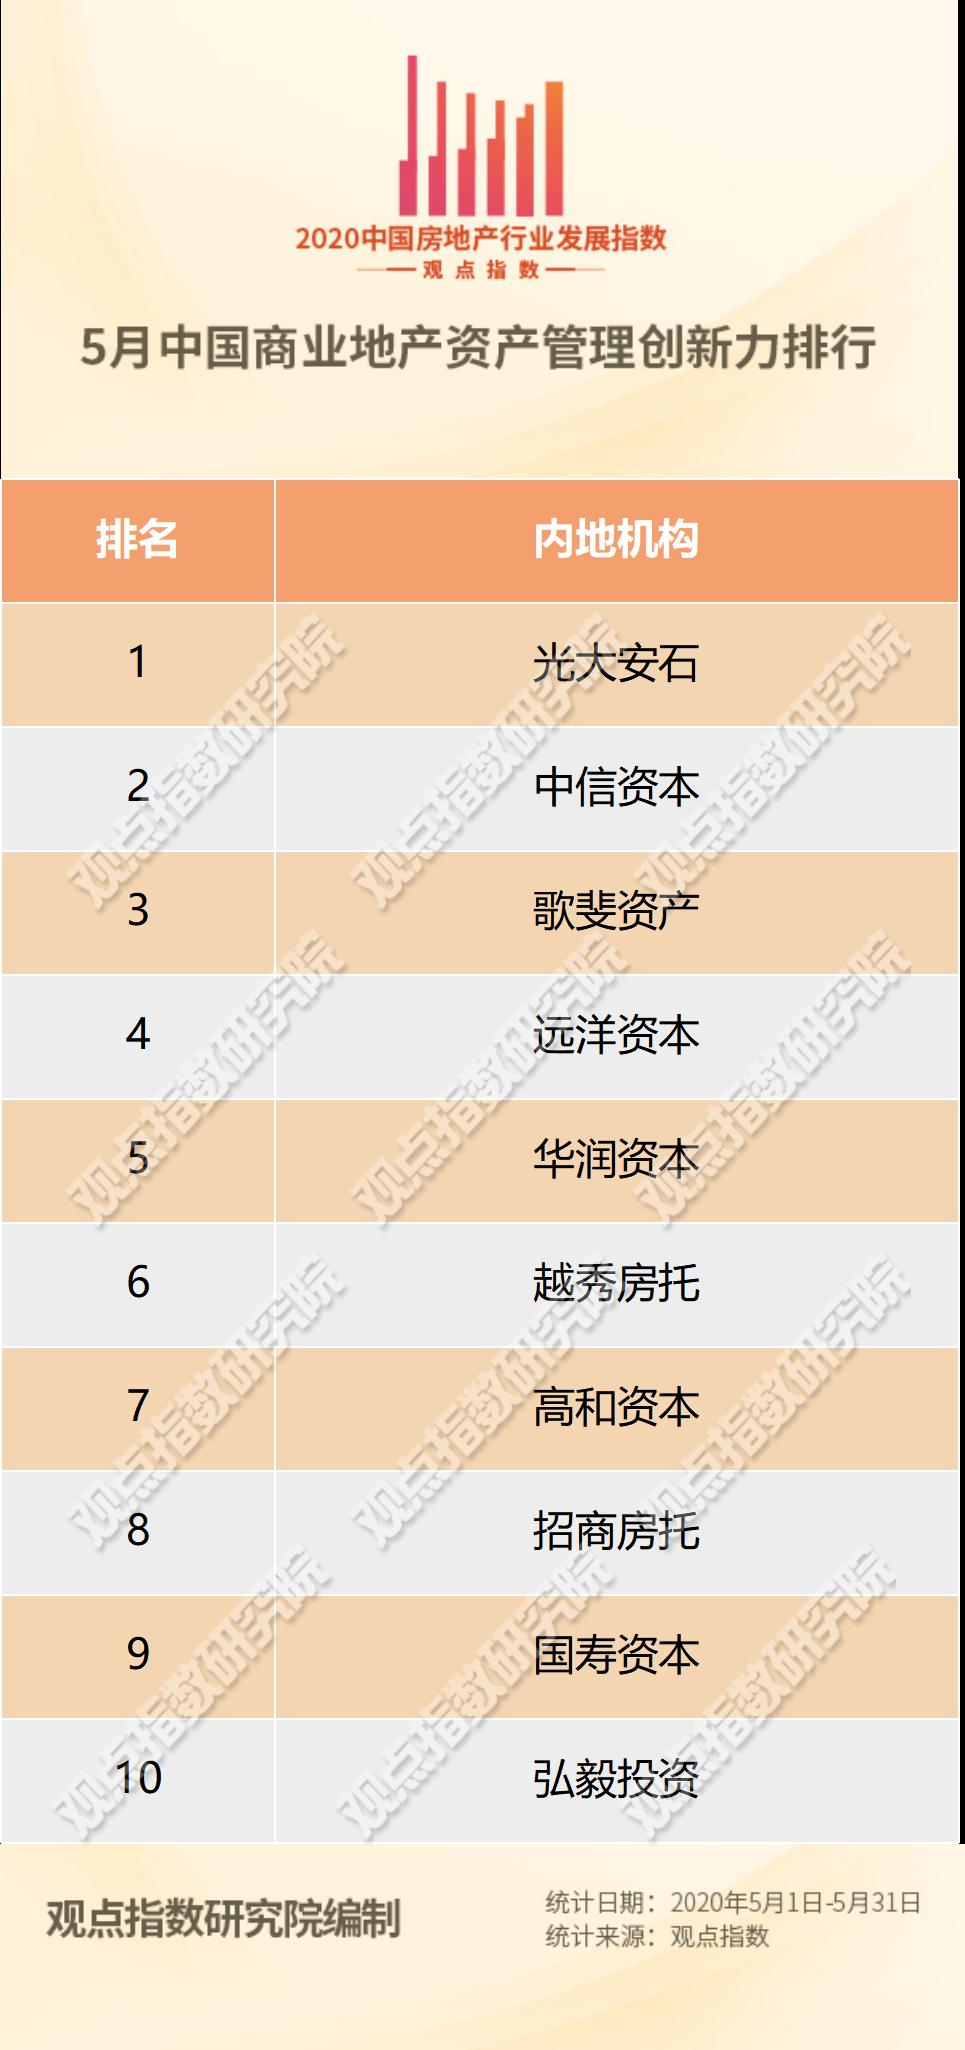 5月商业地产资产管理创新力报告·观点月度指数